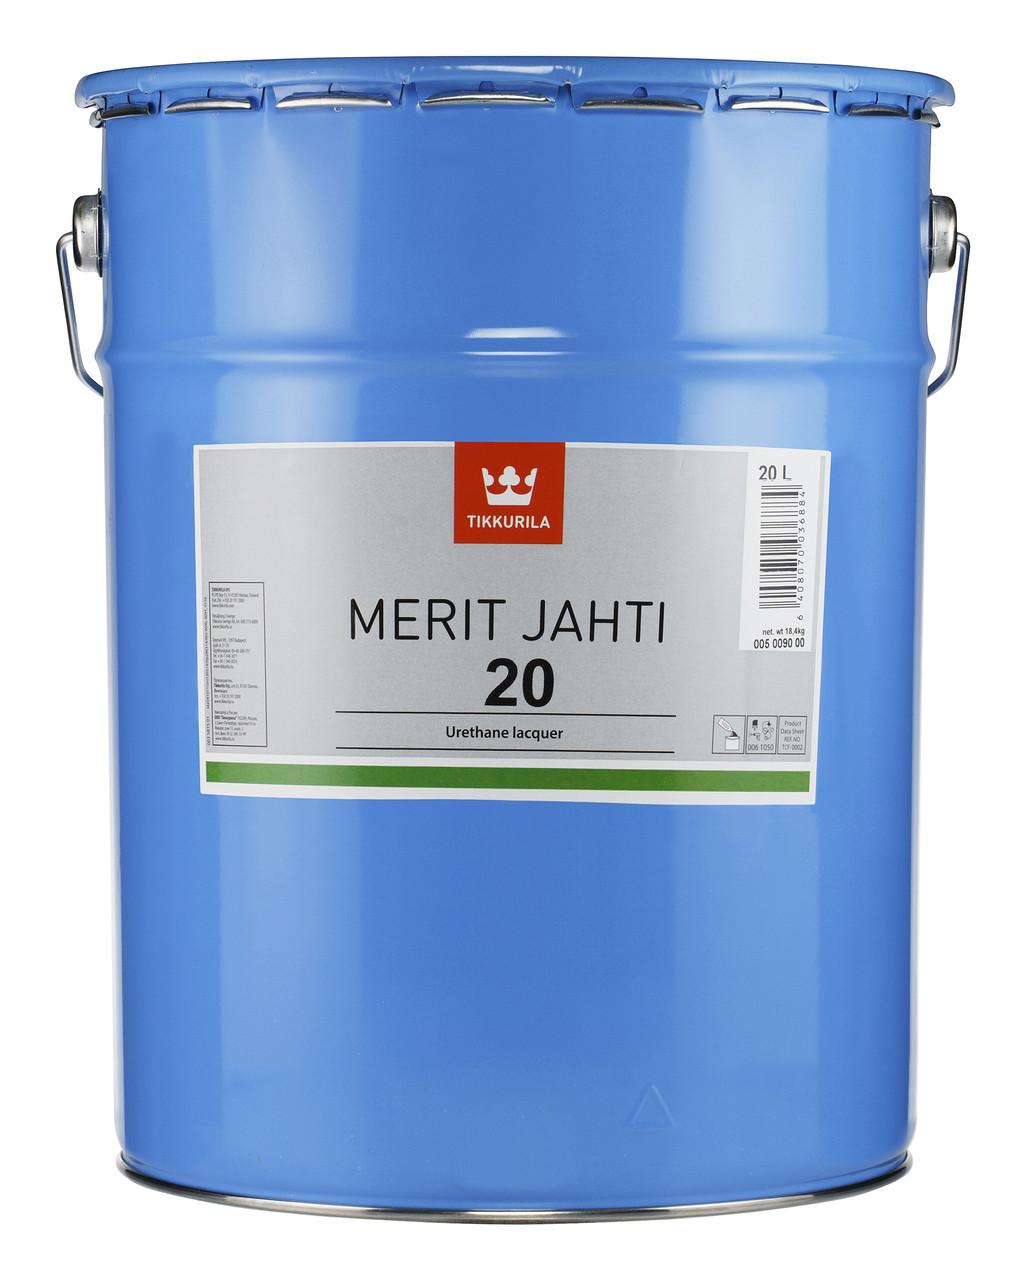 Лак яхтний Tikkurila Меріт Яхті Merit Jahti 20 20л напівматовий